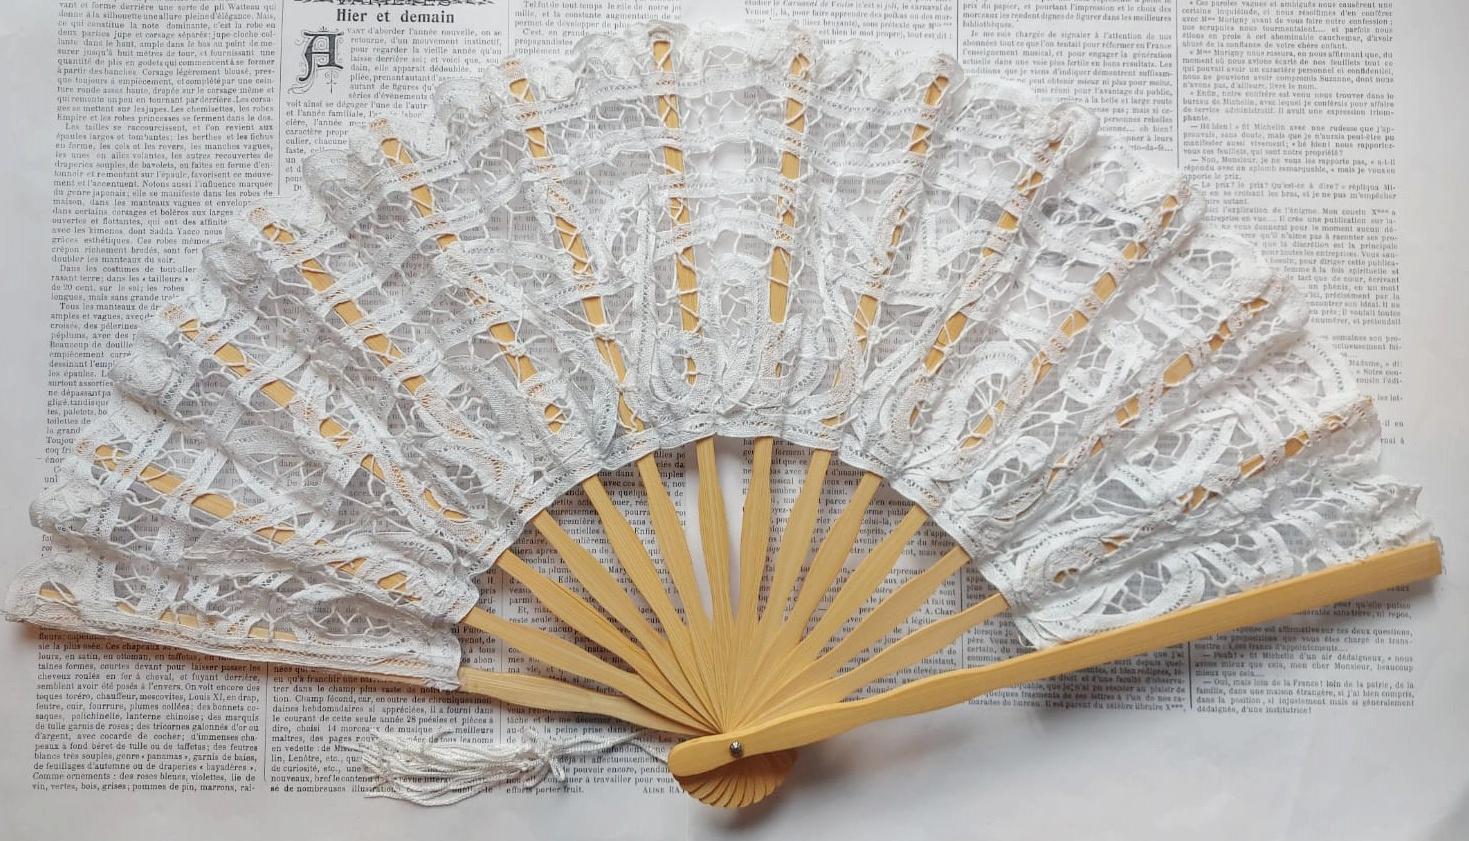 Lace fan diff. colors